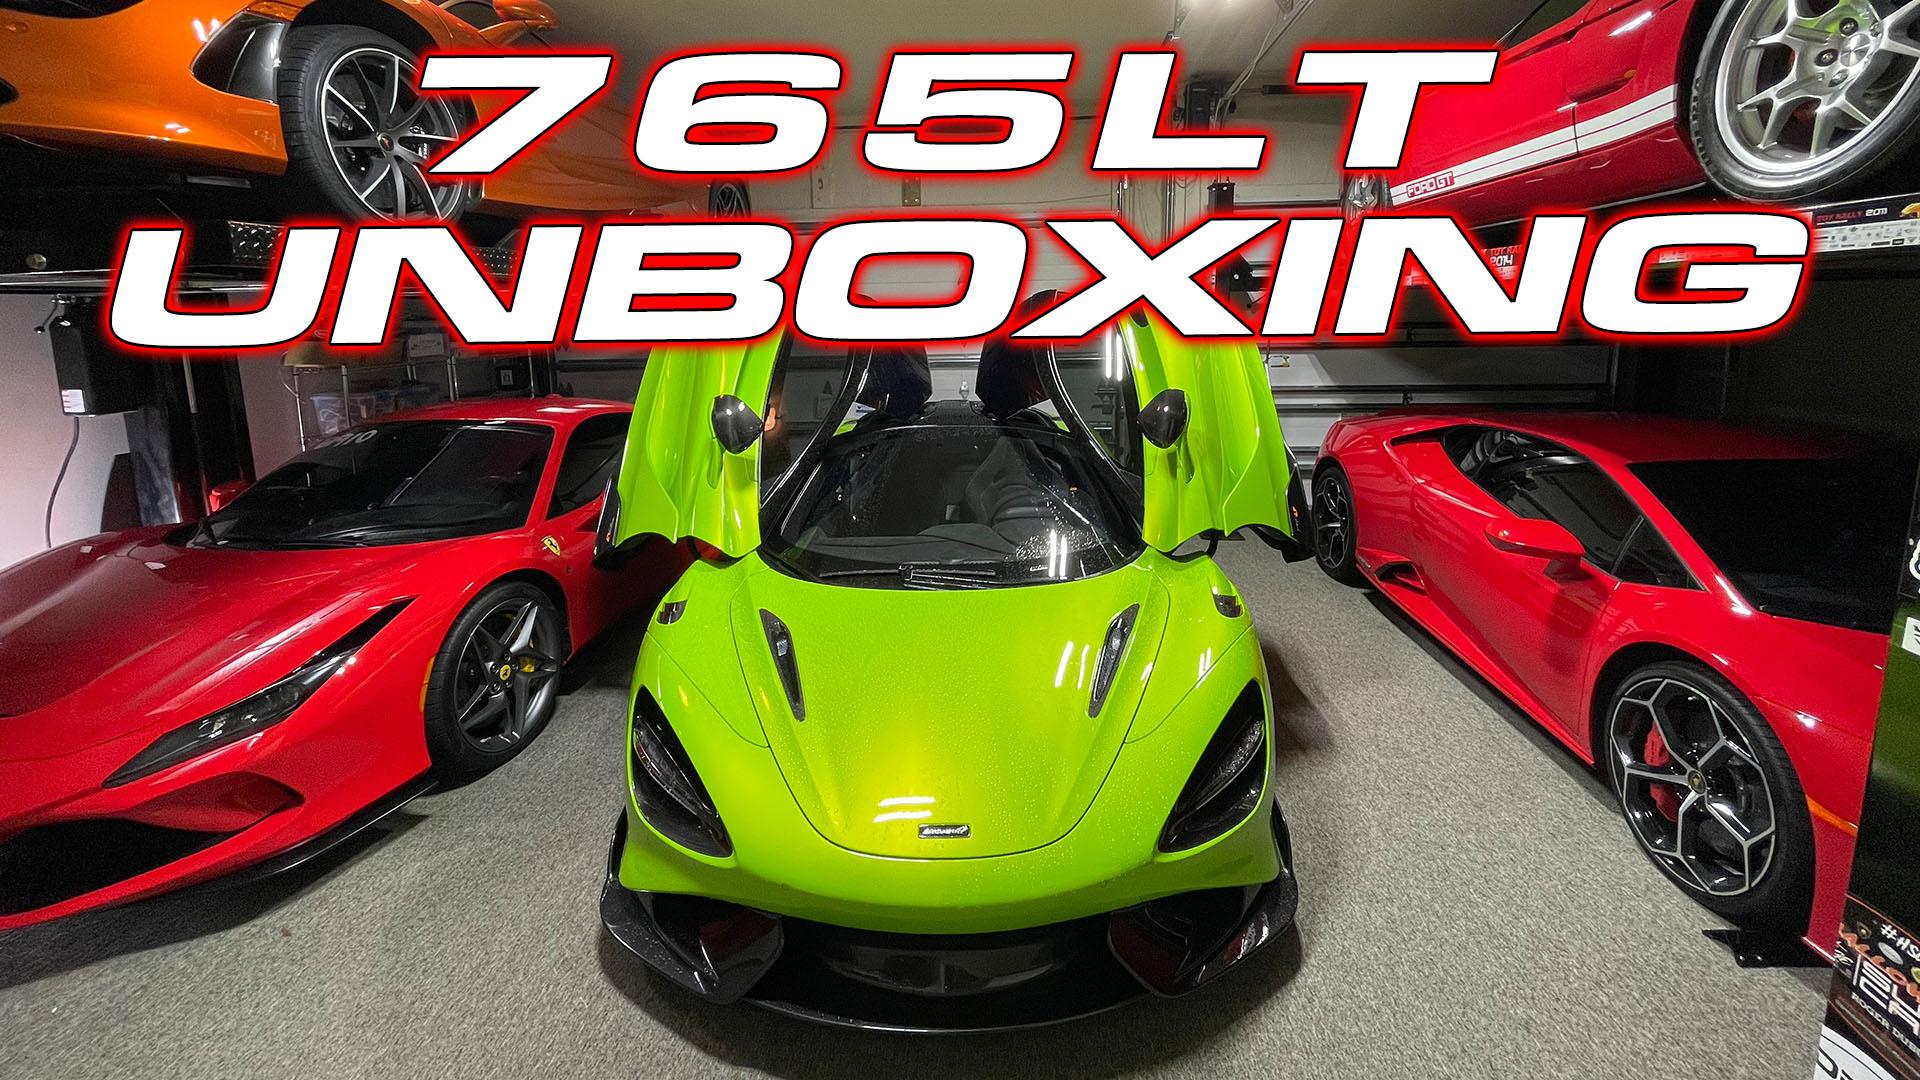 Napier Green McLaren 765LT Unboxing